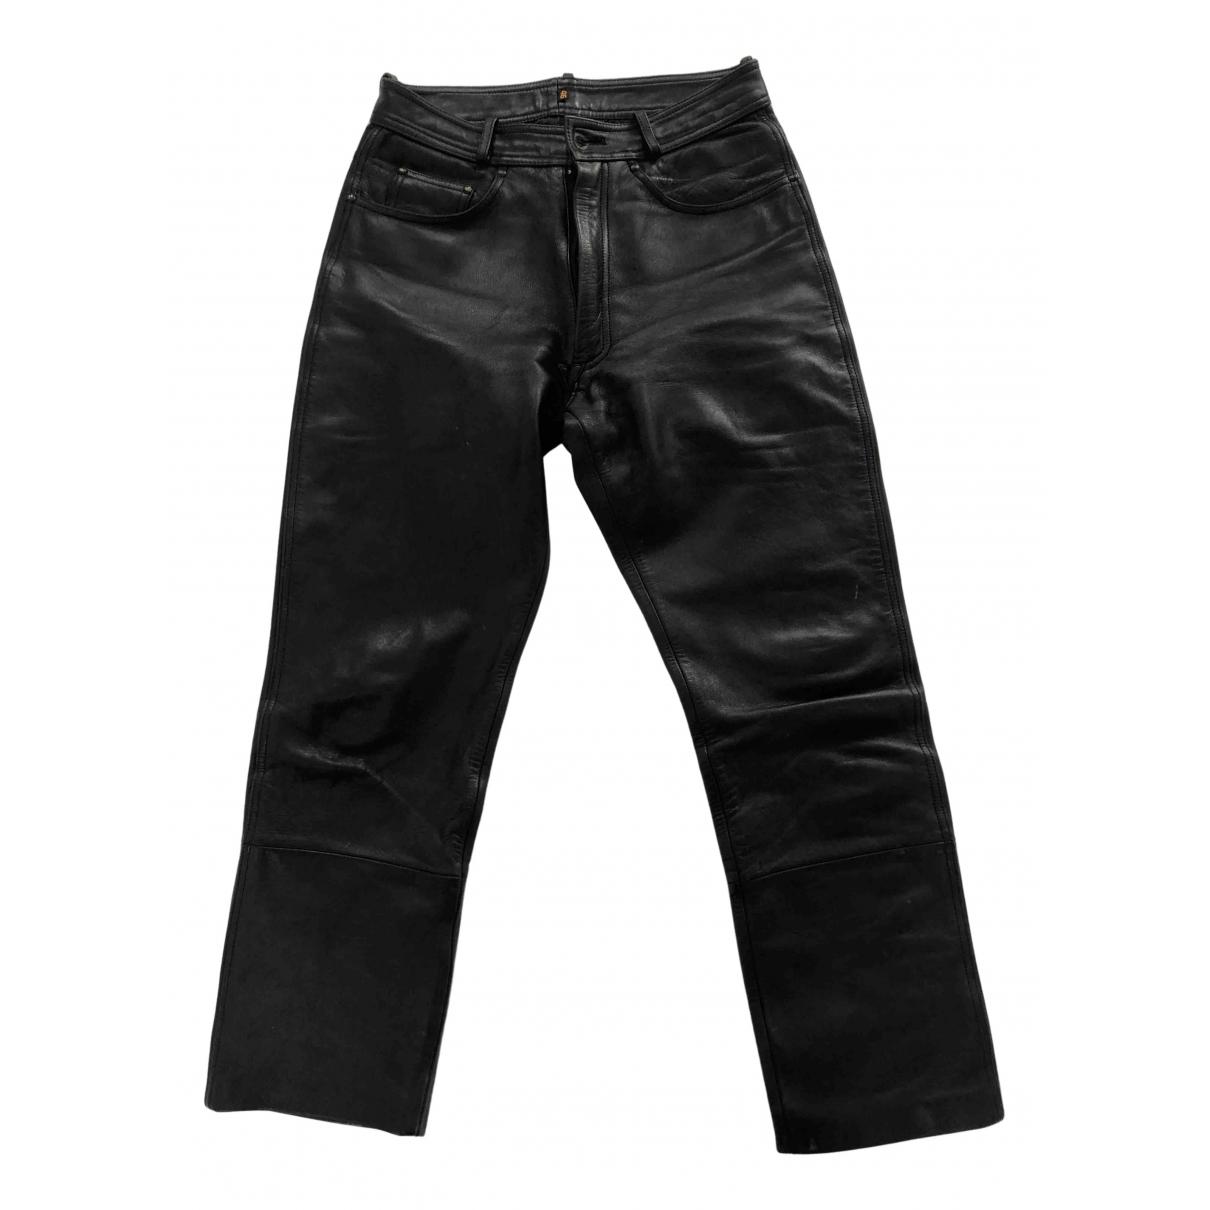 Pantalon de Cuero Non Signe / Unsigned